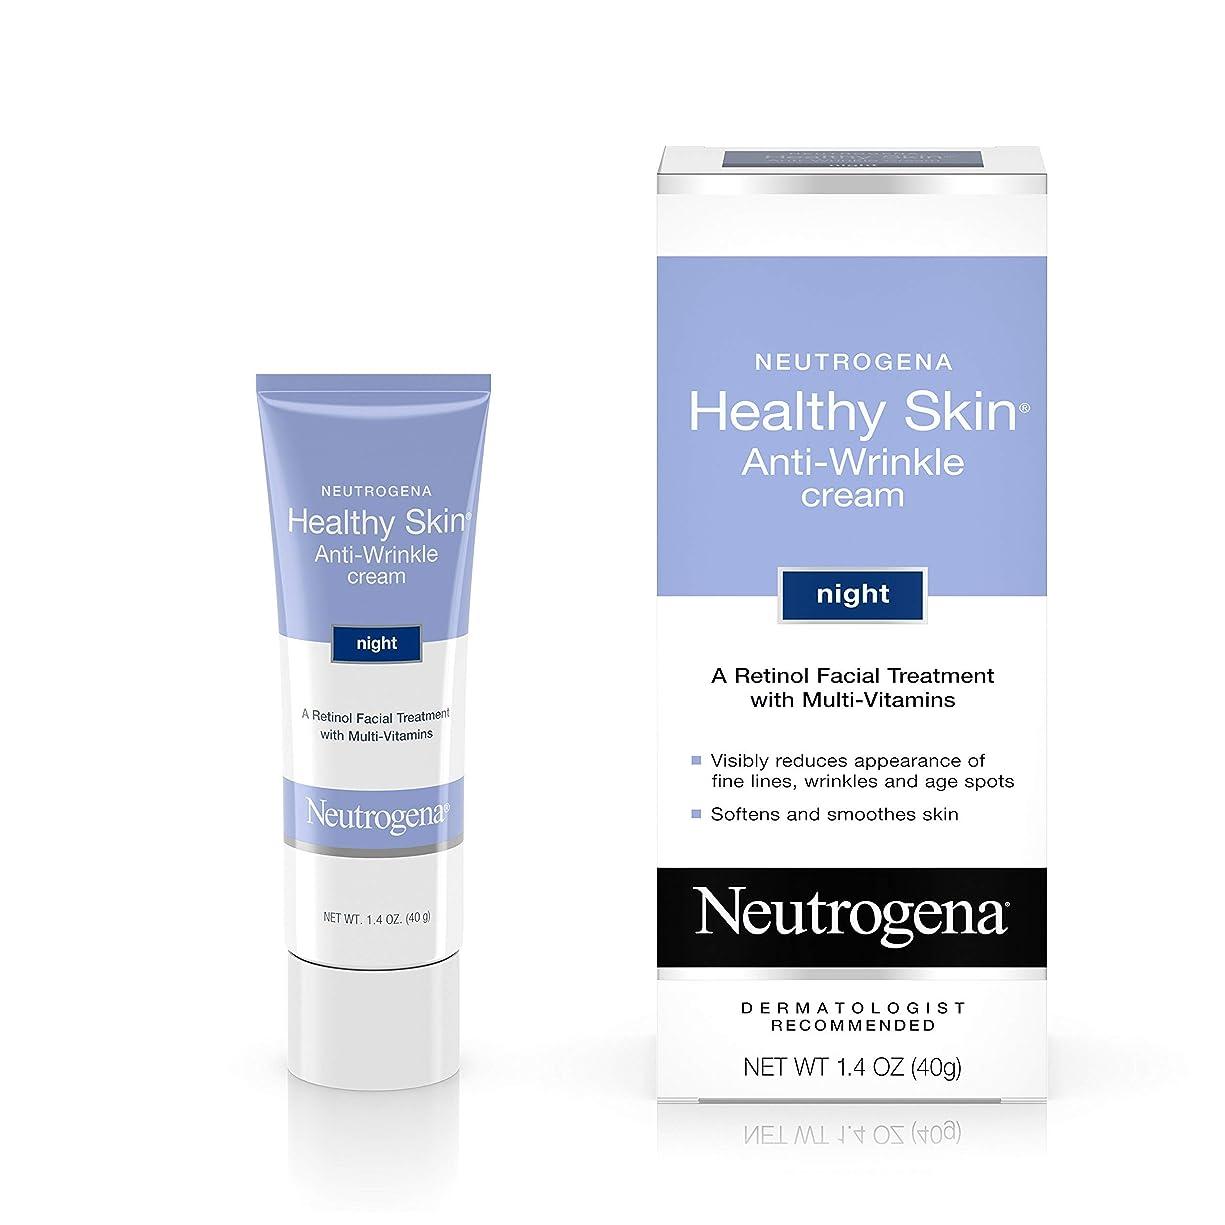 重要性フリース堂々たる海外直送肘 Neutrogena Healthy Skin Anti-Wrinkle Night Cream, 1.4 oz